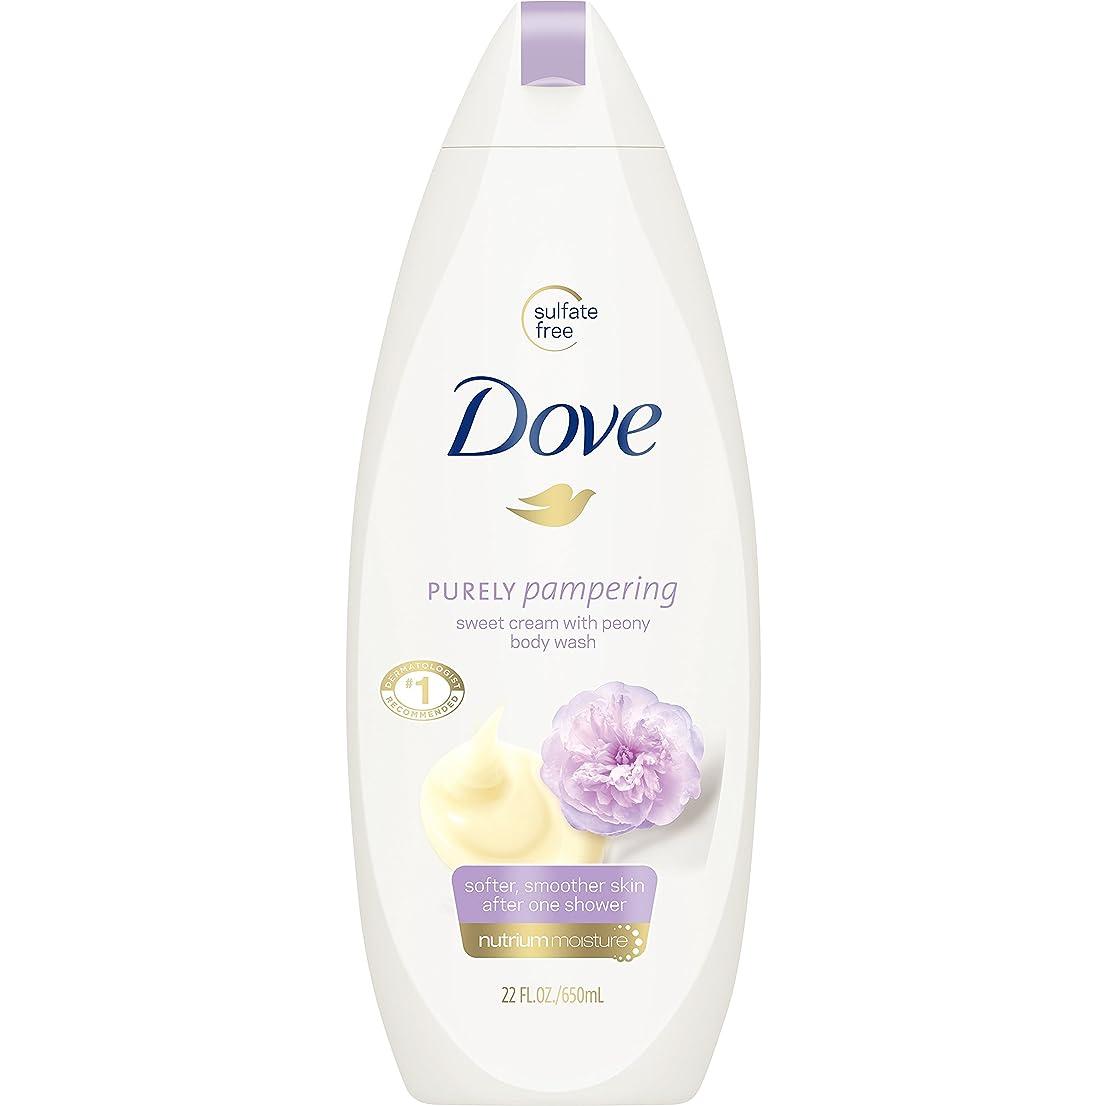 Dove 純粋にボディーウォッシュ、甘いクリームと牡丹22オズを甘やかします